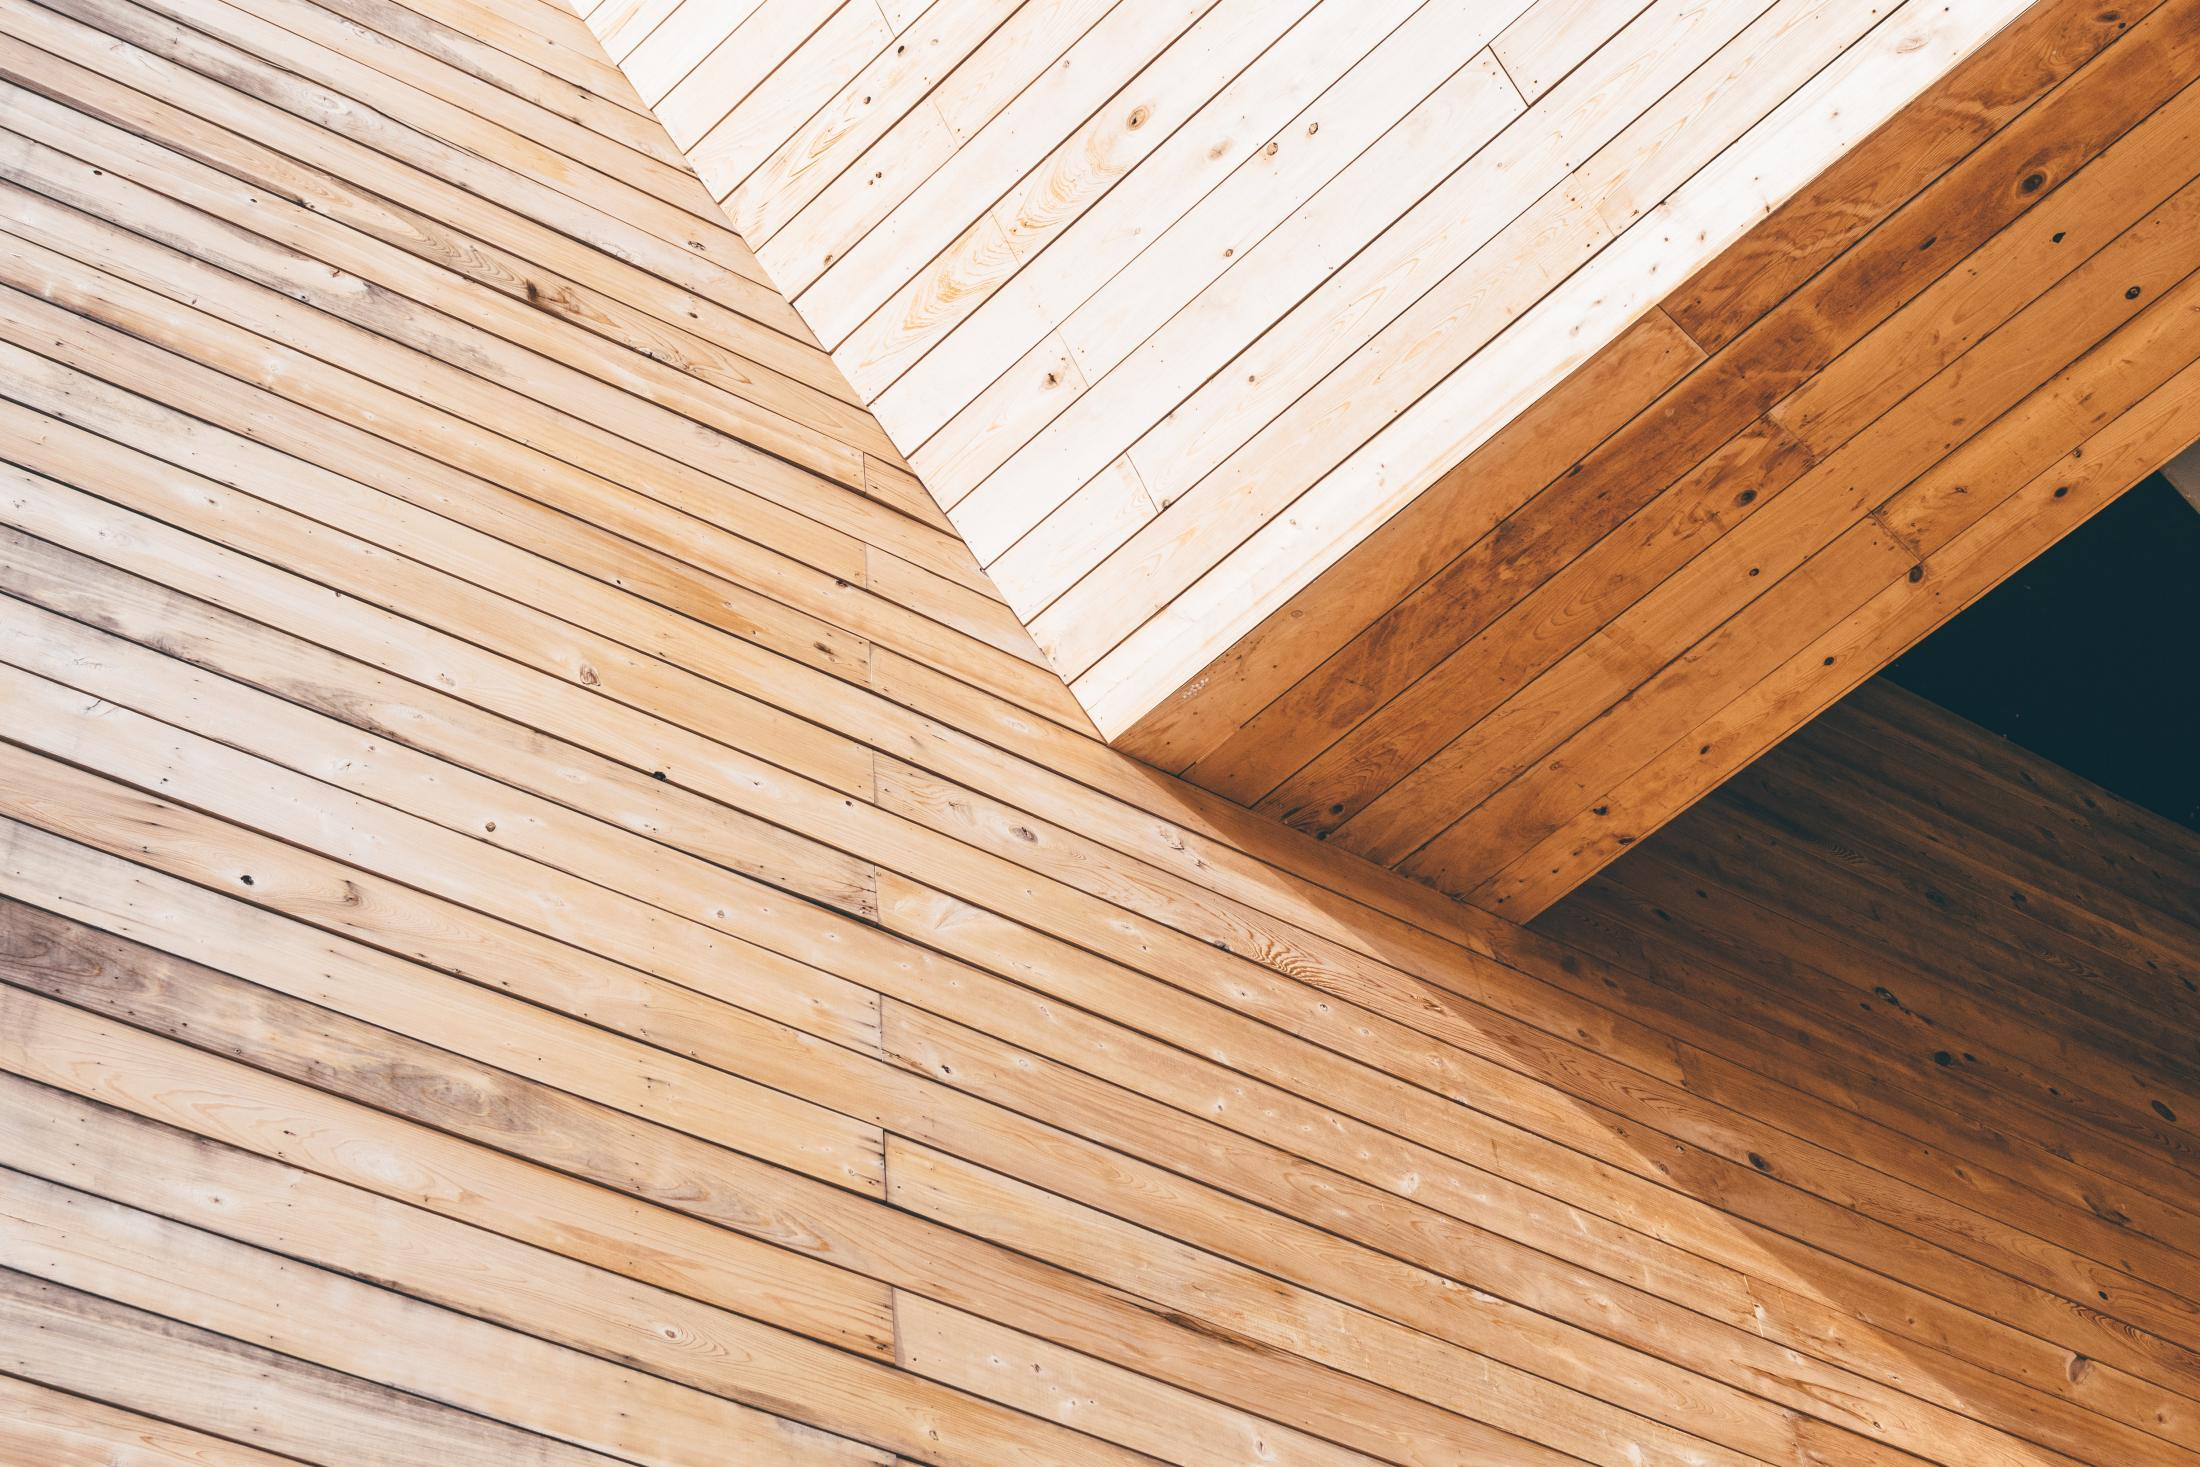 Neue Holzbauförderung aus dem Waldfonds: Wir beraten Sie gerne